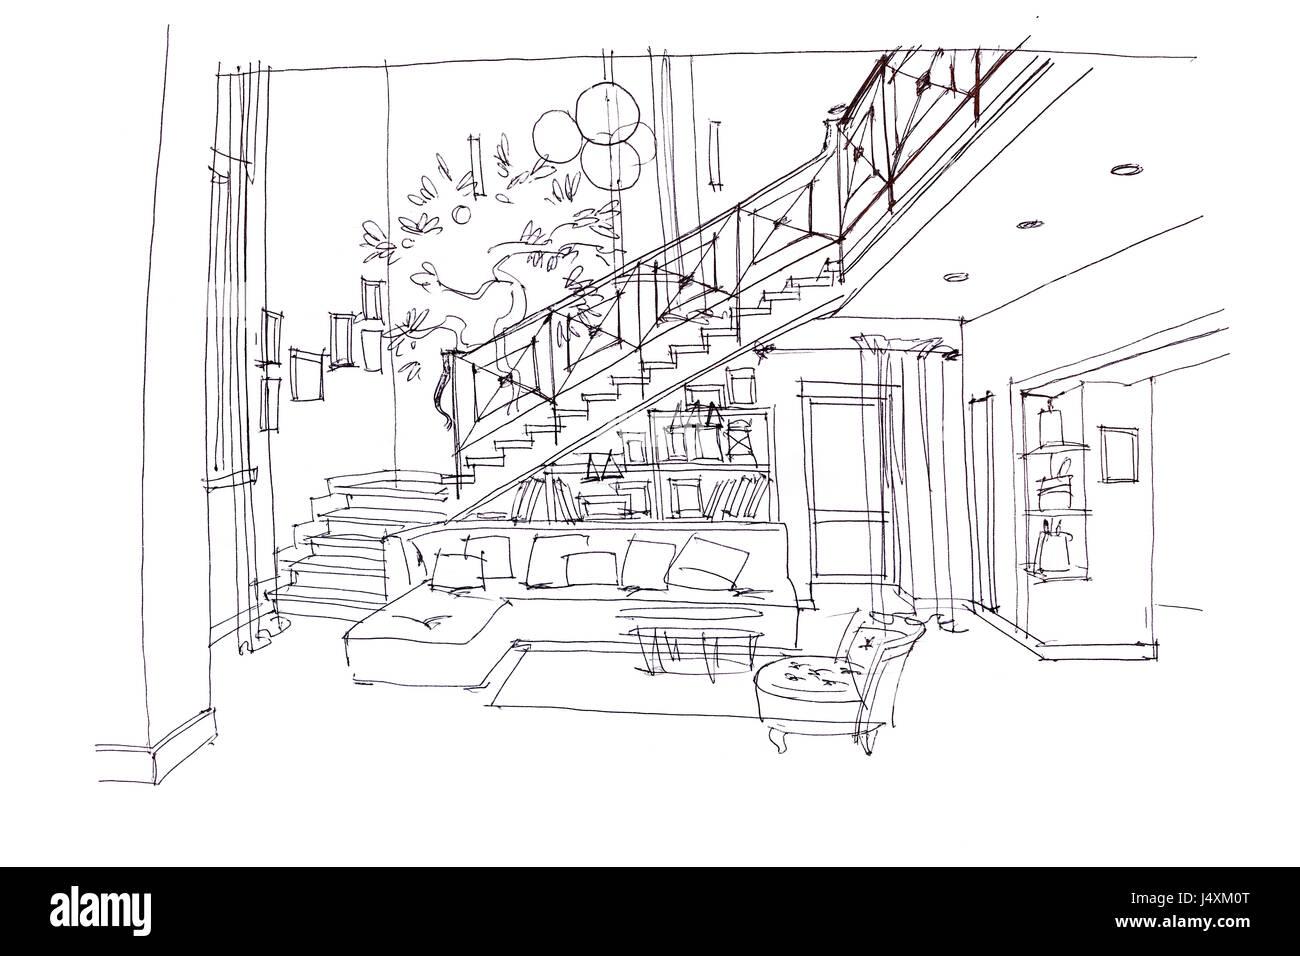 die Hand gezeichneten Plan von modernen Wohnzimmer Interieur mit ...